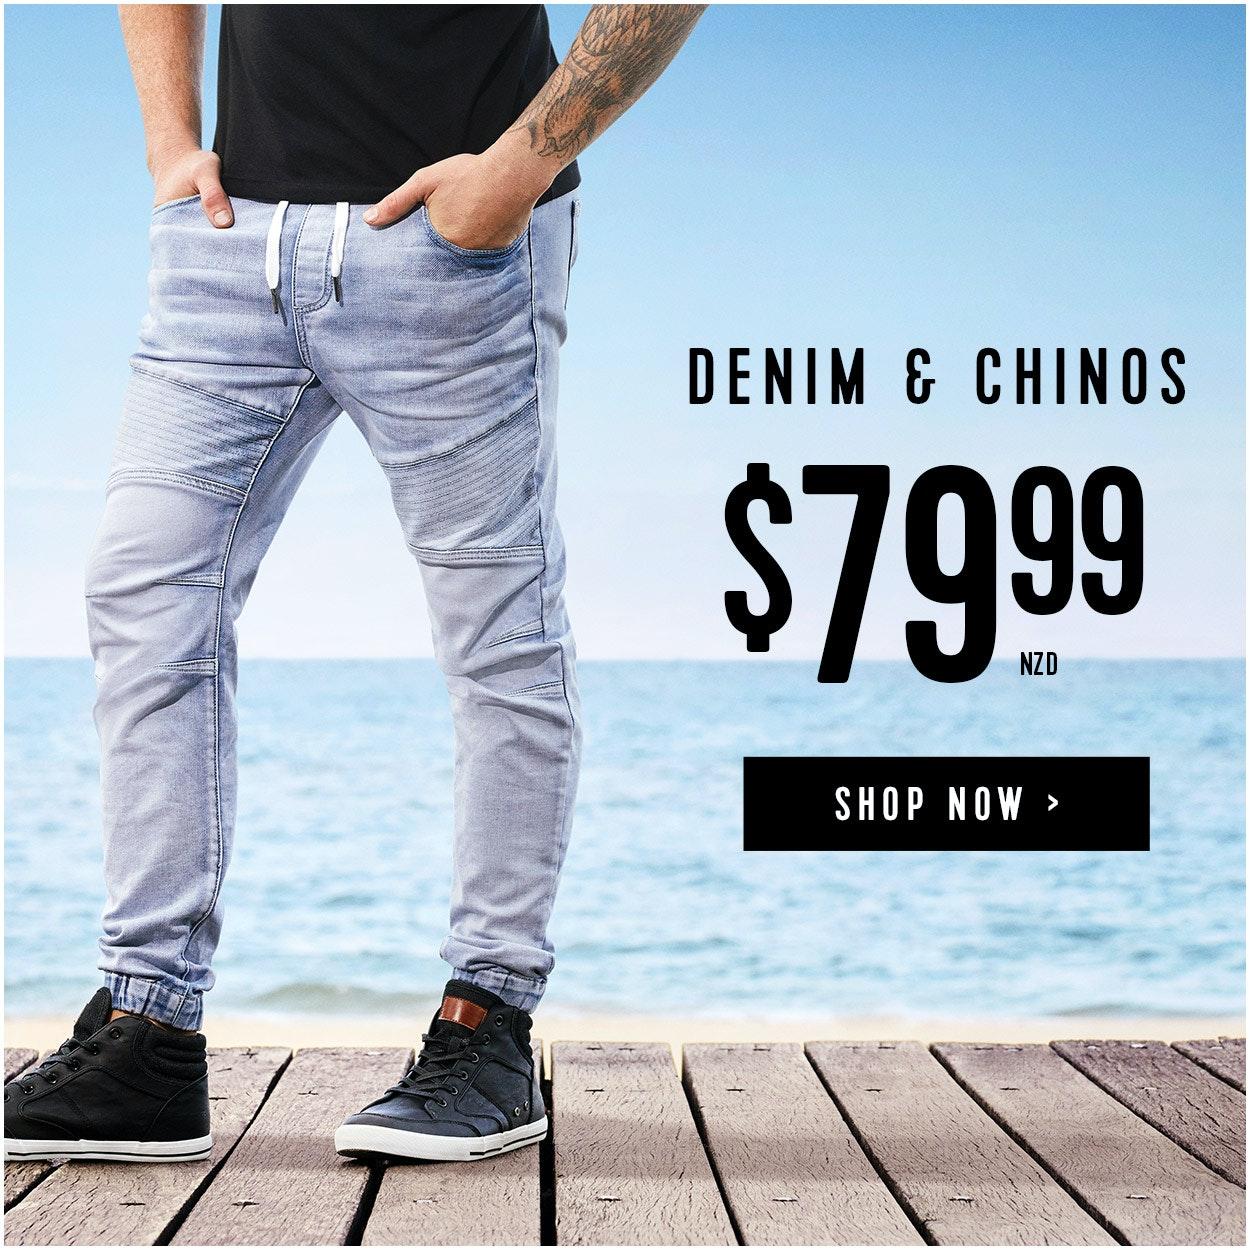 Chinos and Denim